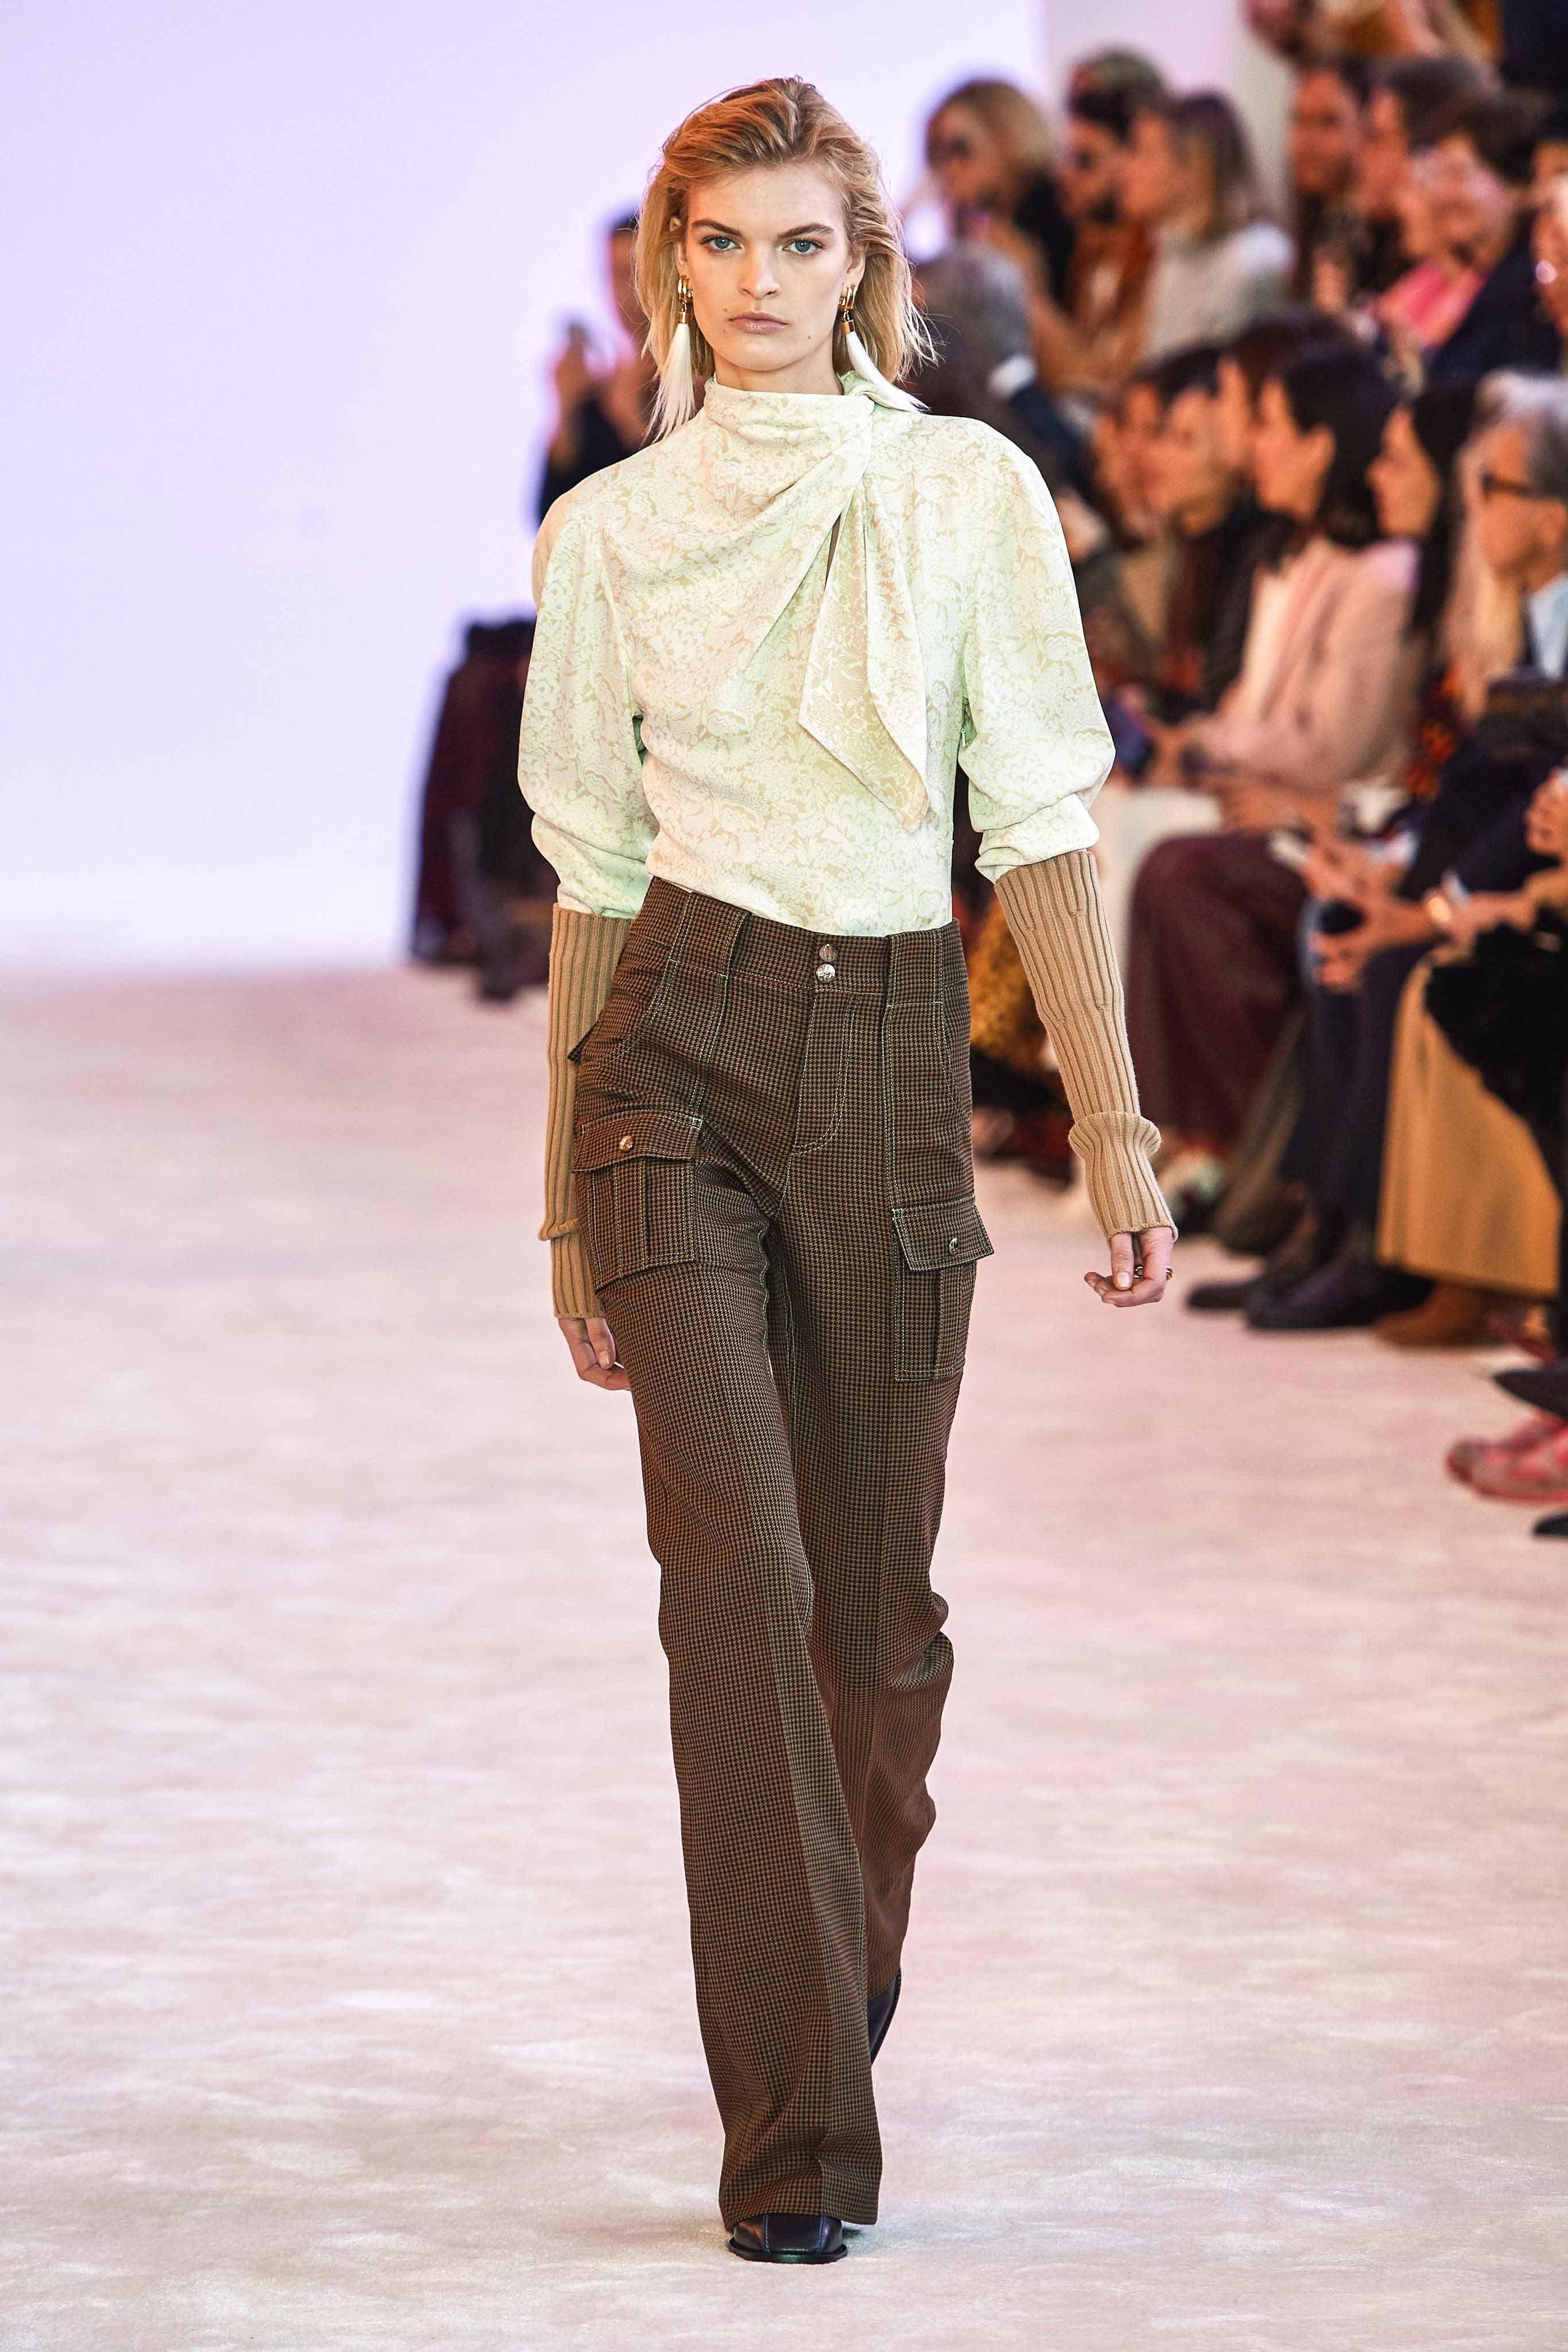 Fall 2019 Fashion Trends – Fashion Week Coverage | Fashion ...